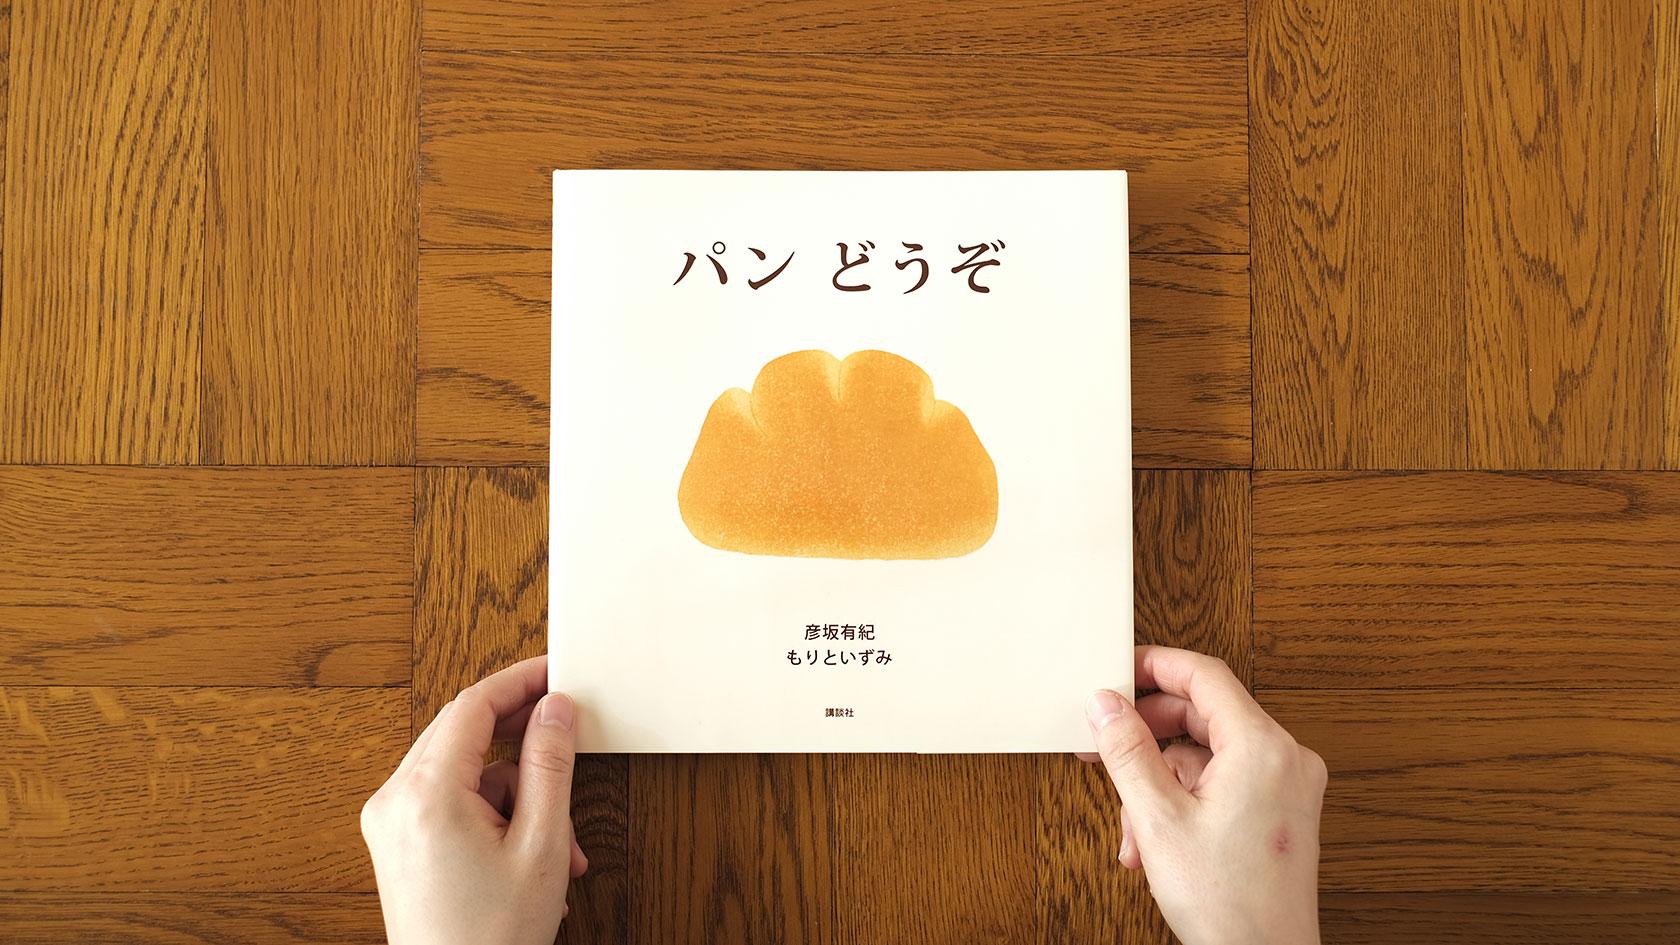 絵本『パン どうぞ』